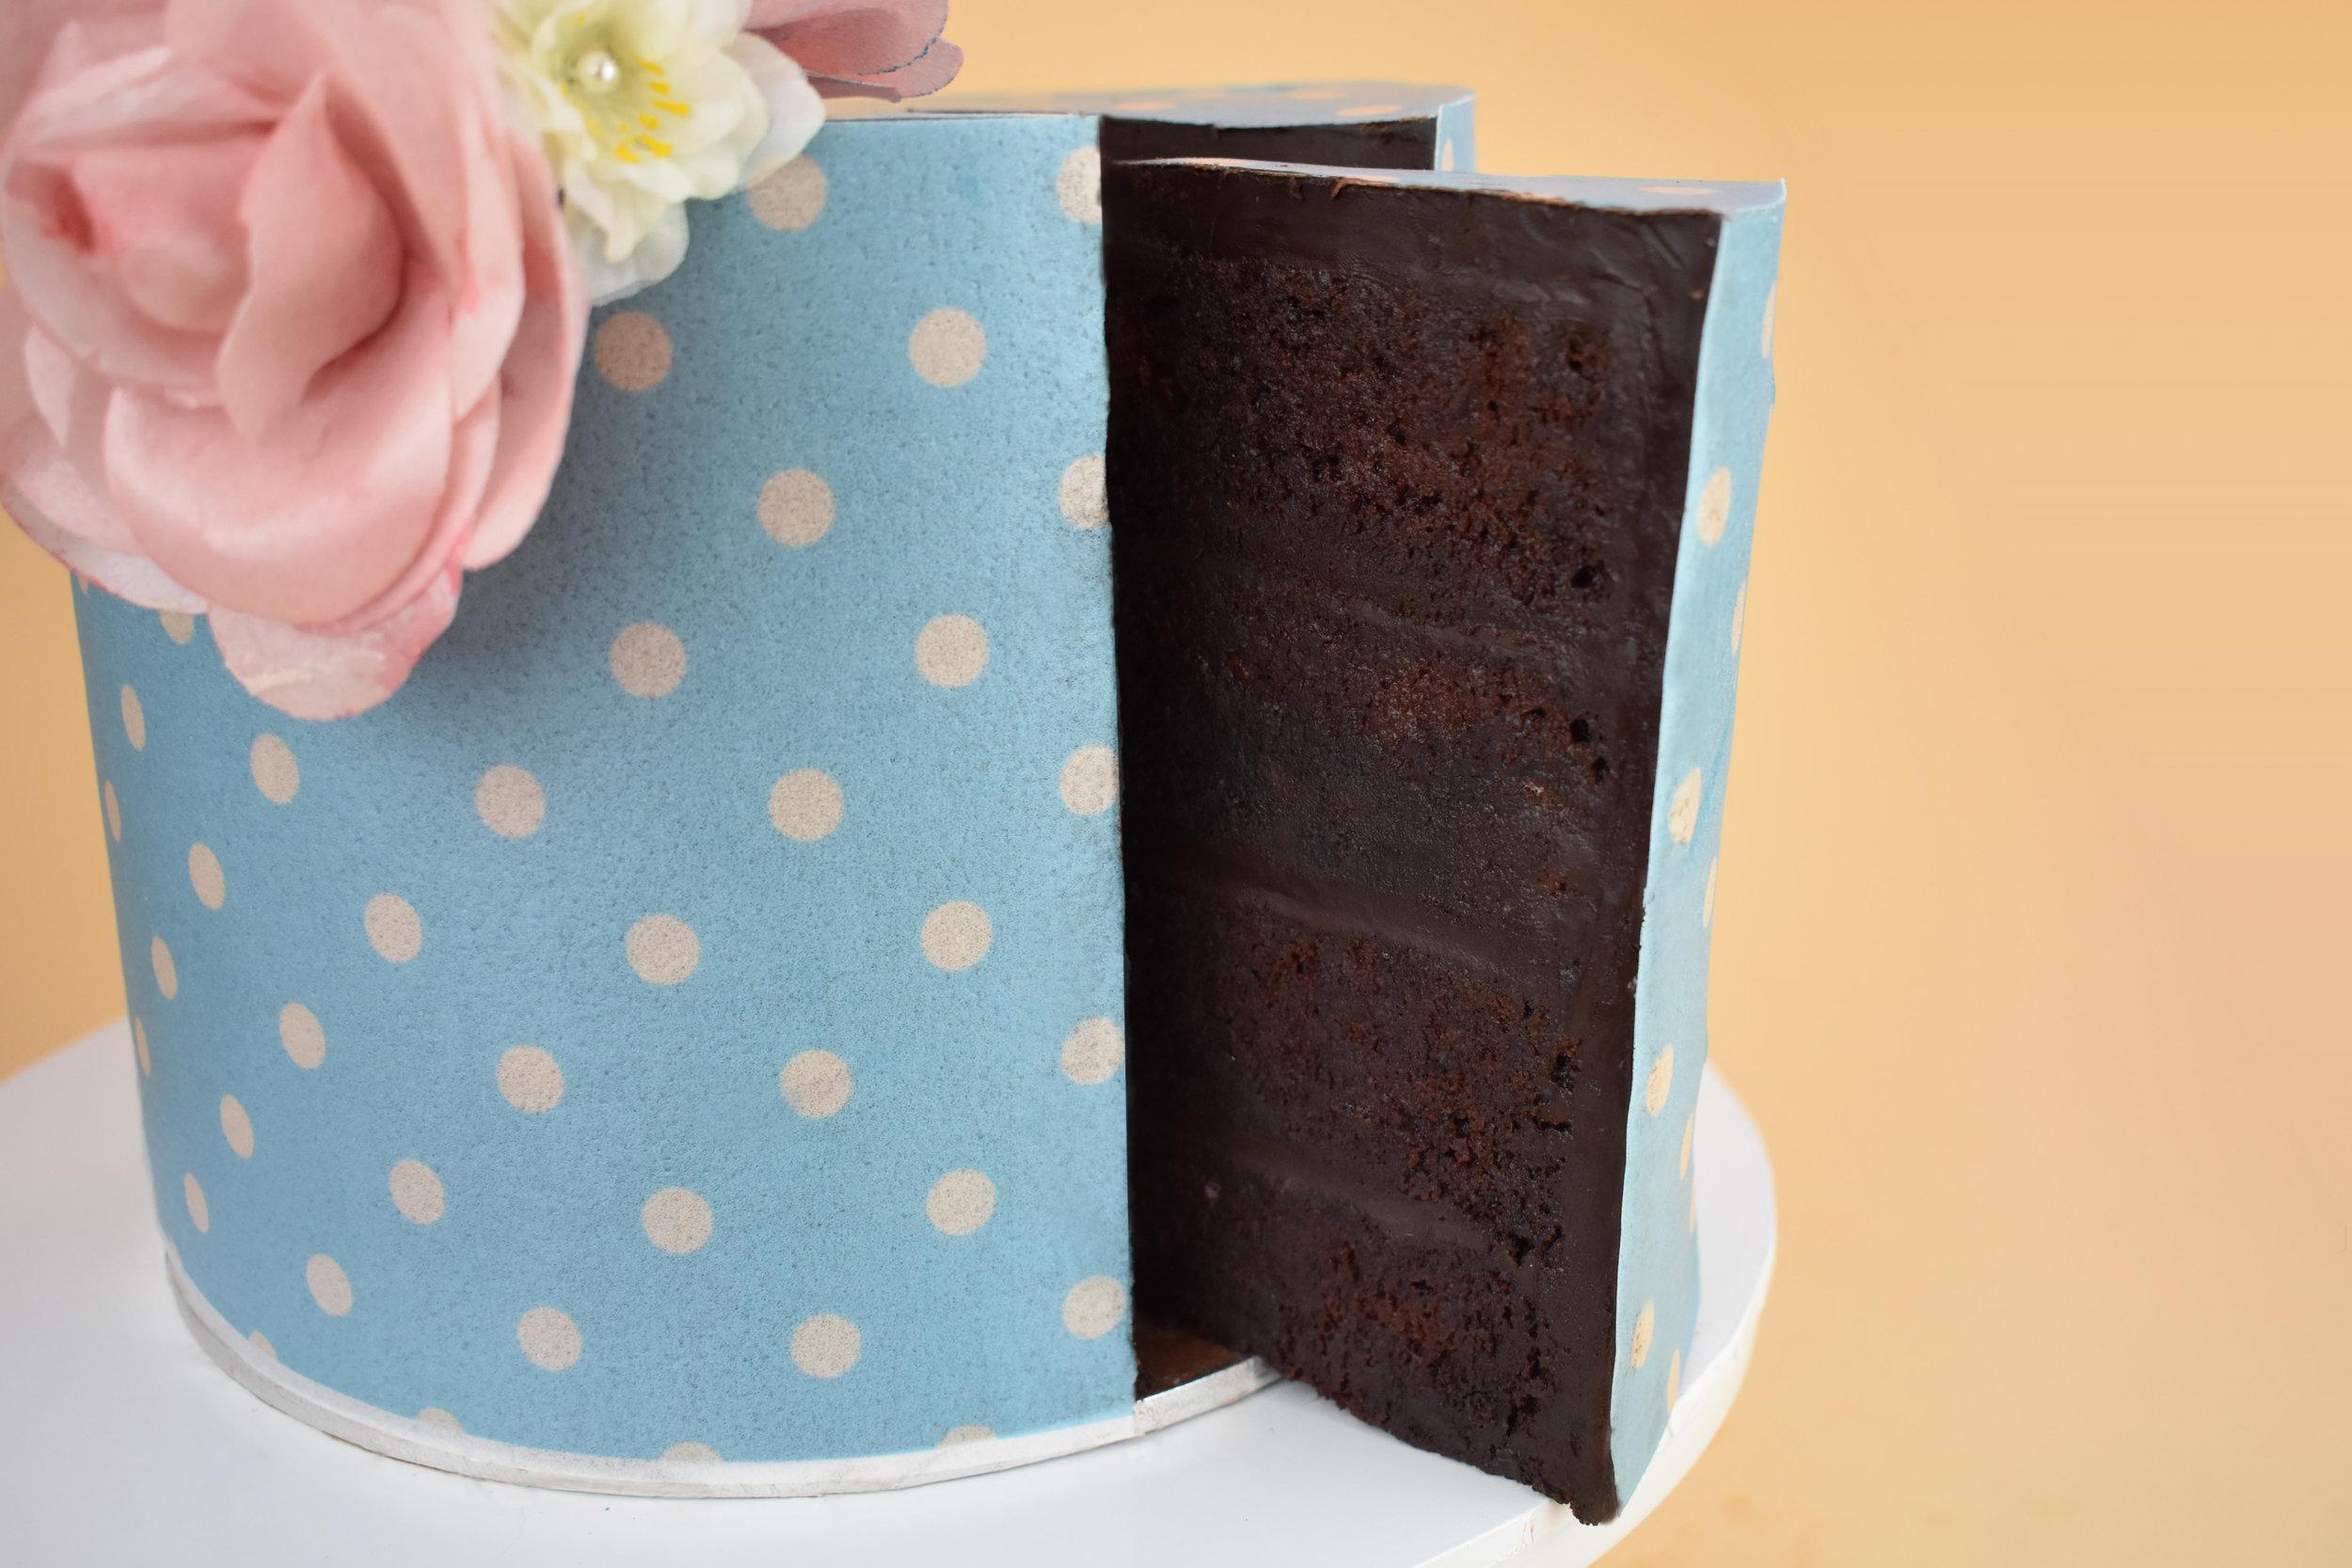 Vegan Chocolate Mud Cake with Ganache